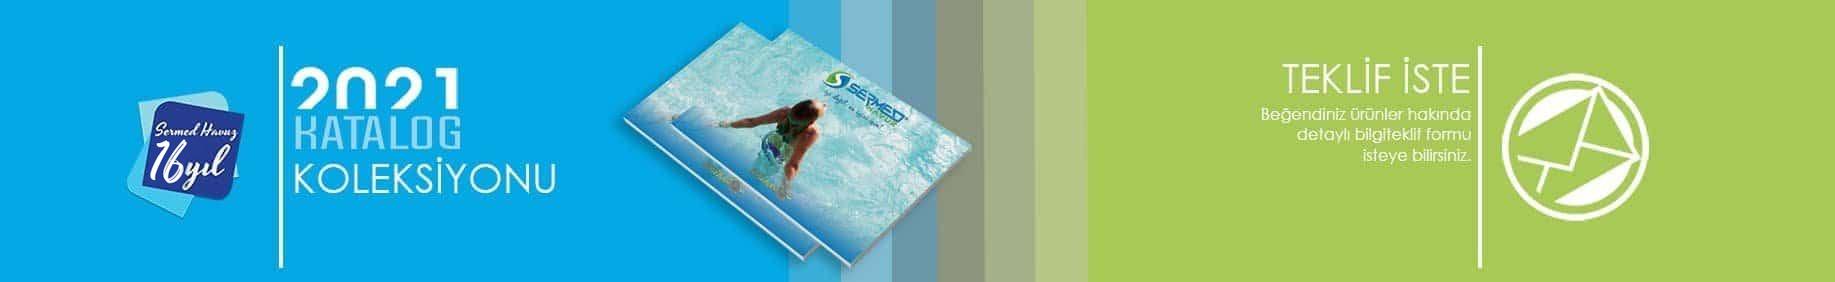 Havuz Kataloglarını anlatan arka plan resmi